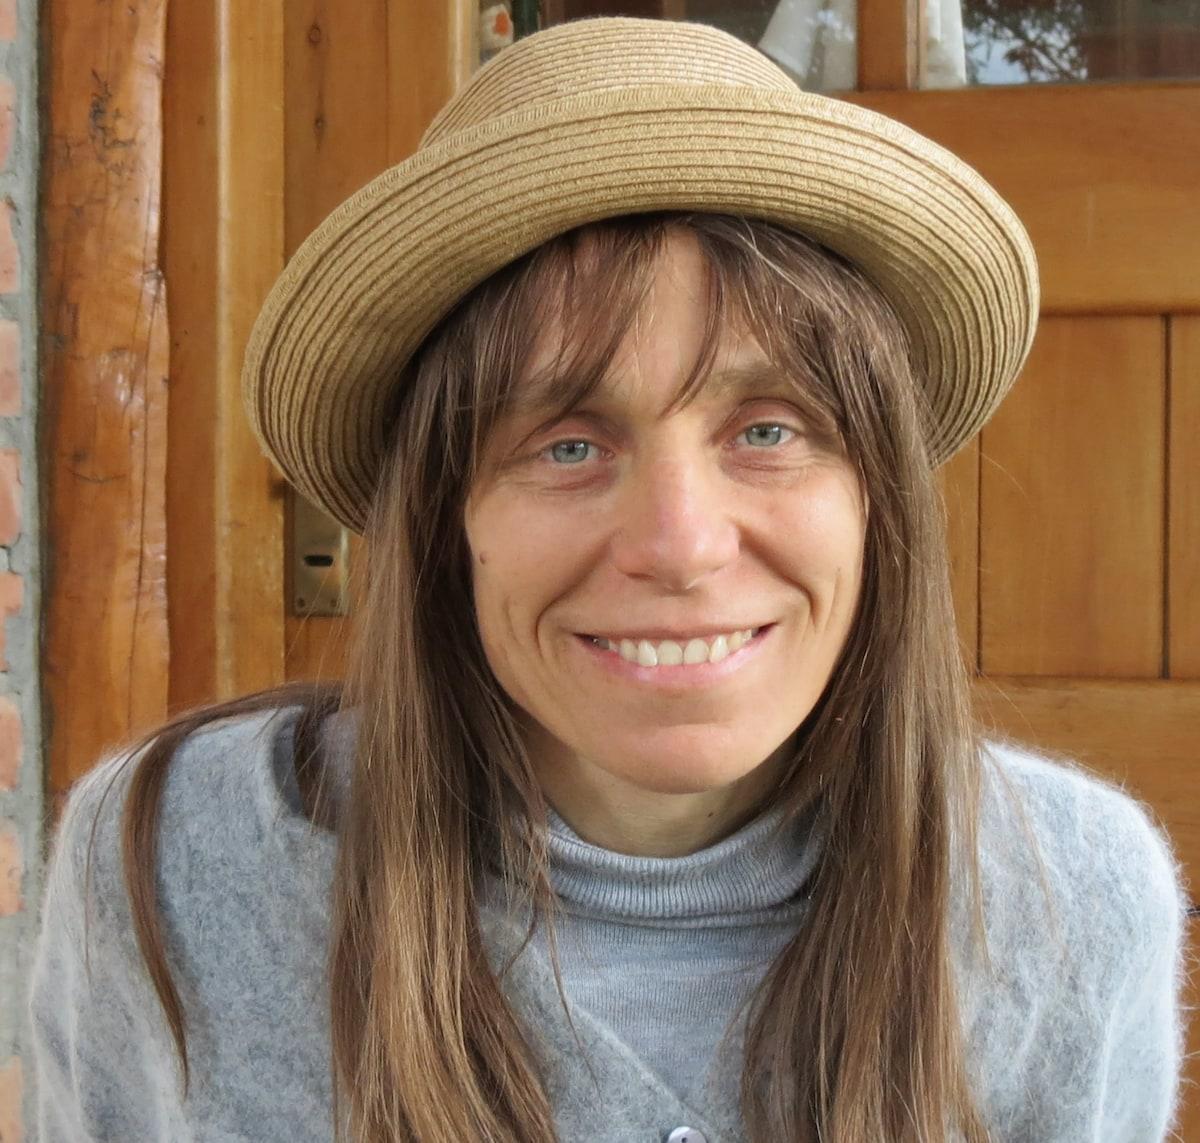 M Claudia from San Carlos de Bariloche